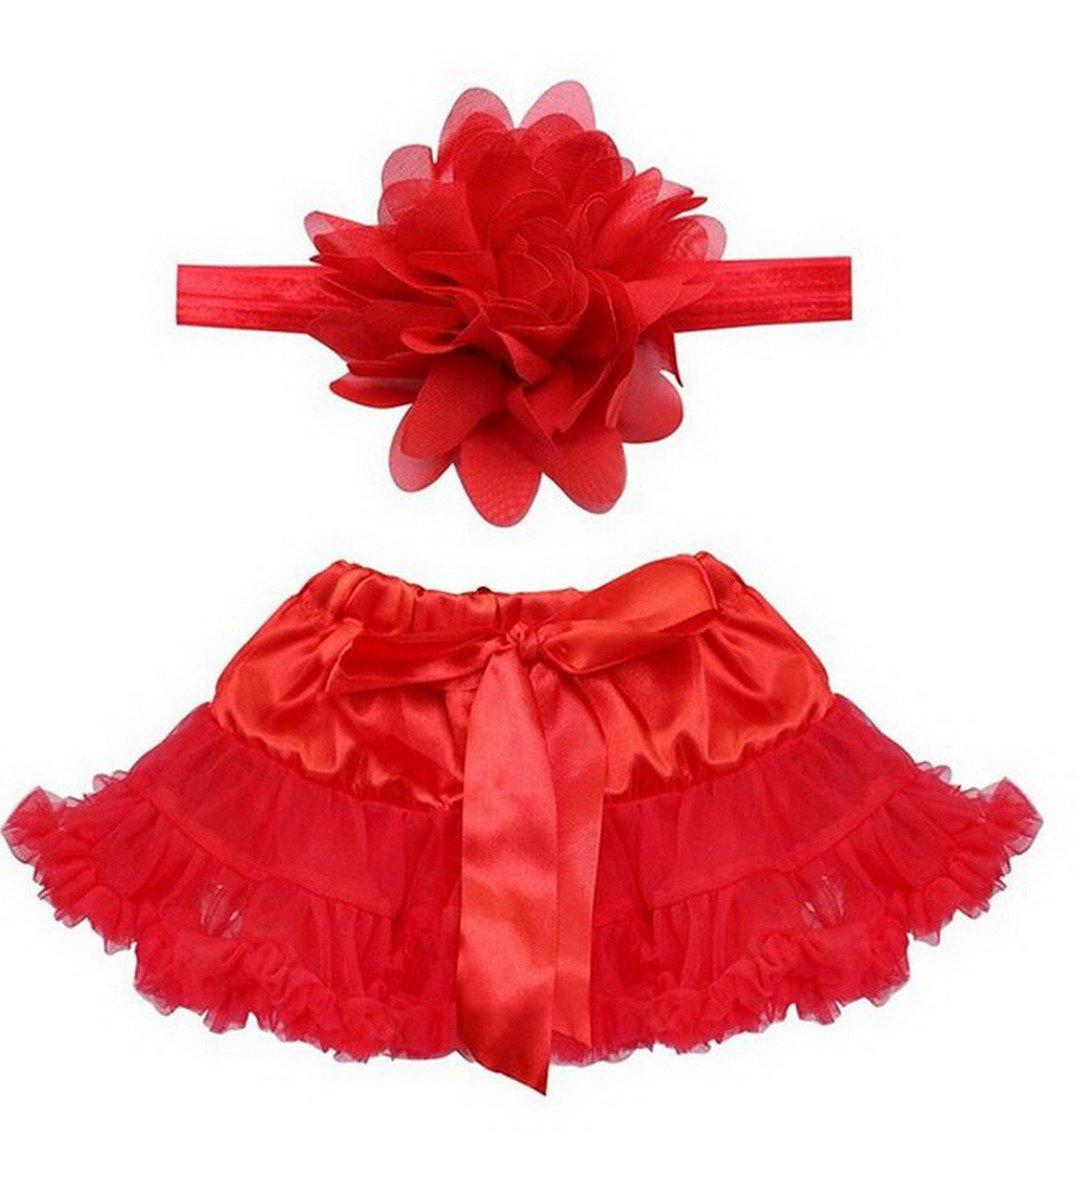 Happy Cherry Bebés Niñas Falda Tutú con Diadema de Flor Prop Trajes Apoyo para Fotografía Tomar Fotos Aivtalk PP23BK1026